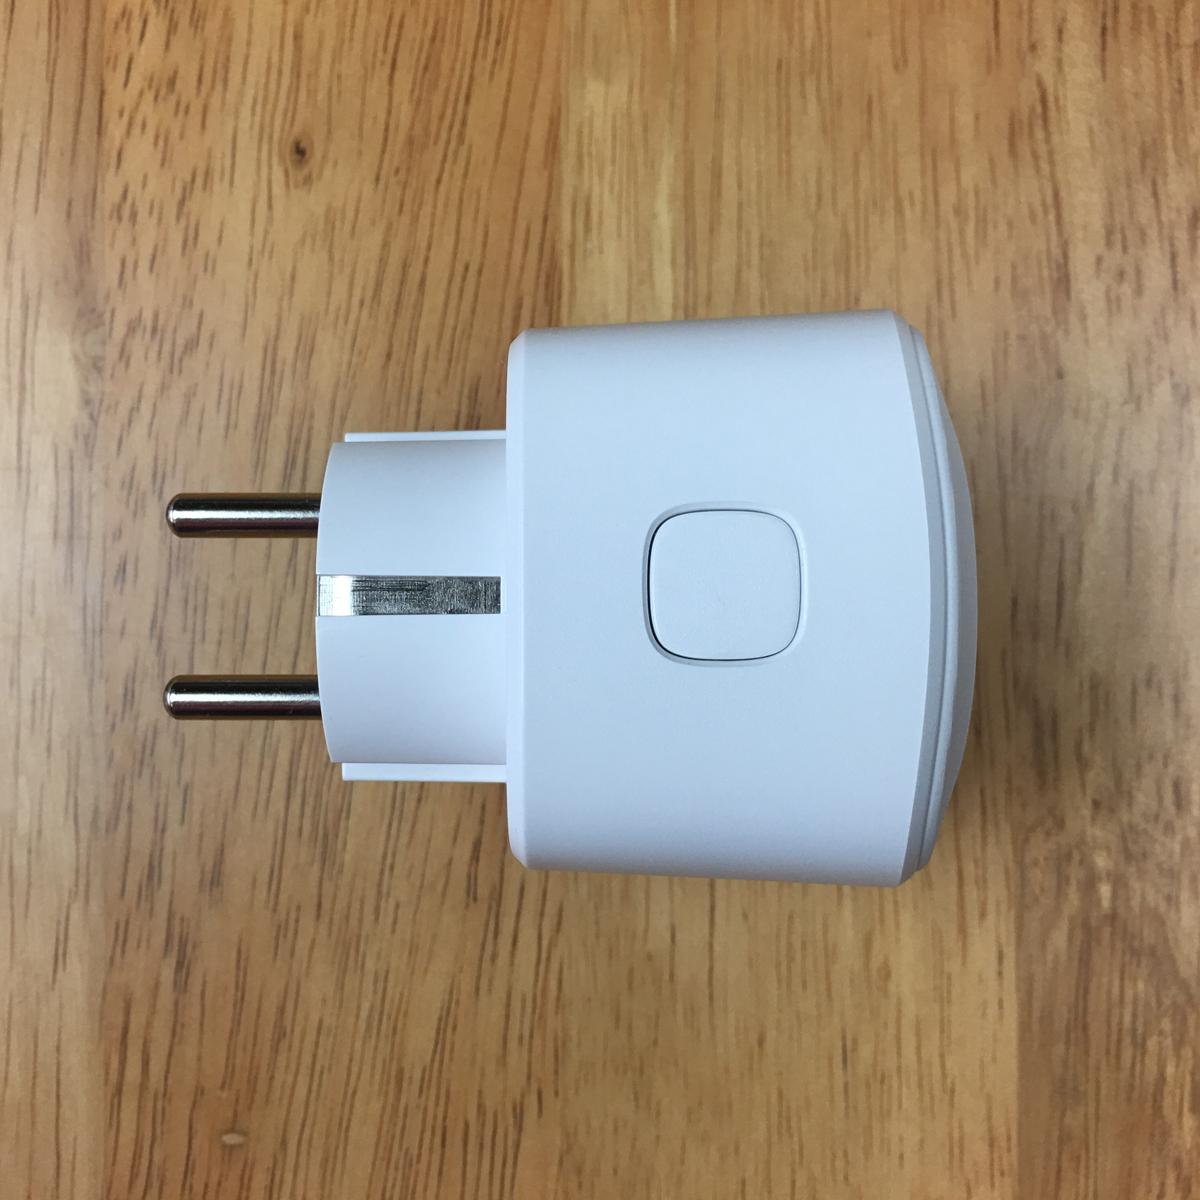 The Vocolinc EU Smart Plug and Power Strip – Complete review